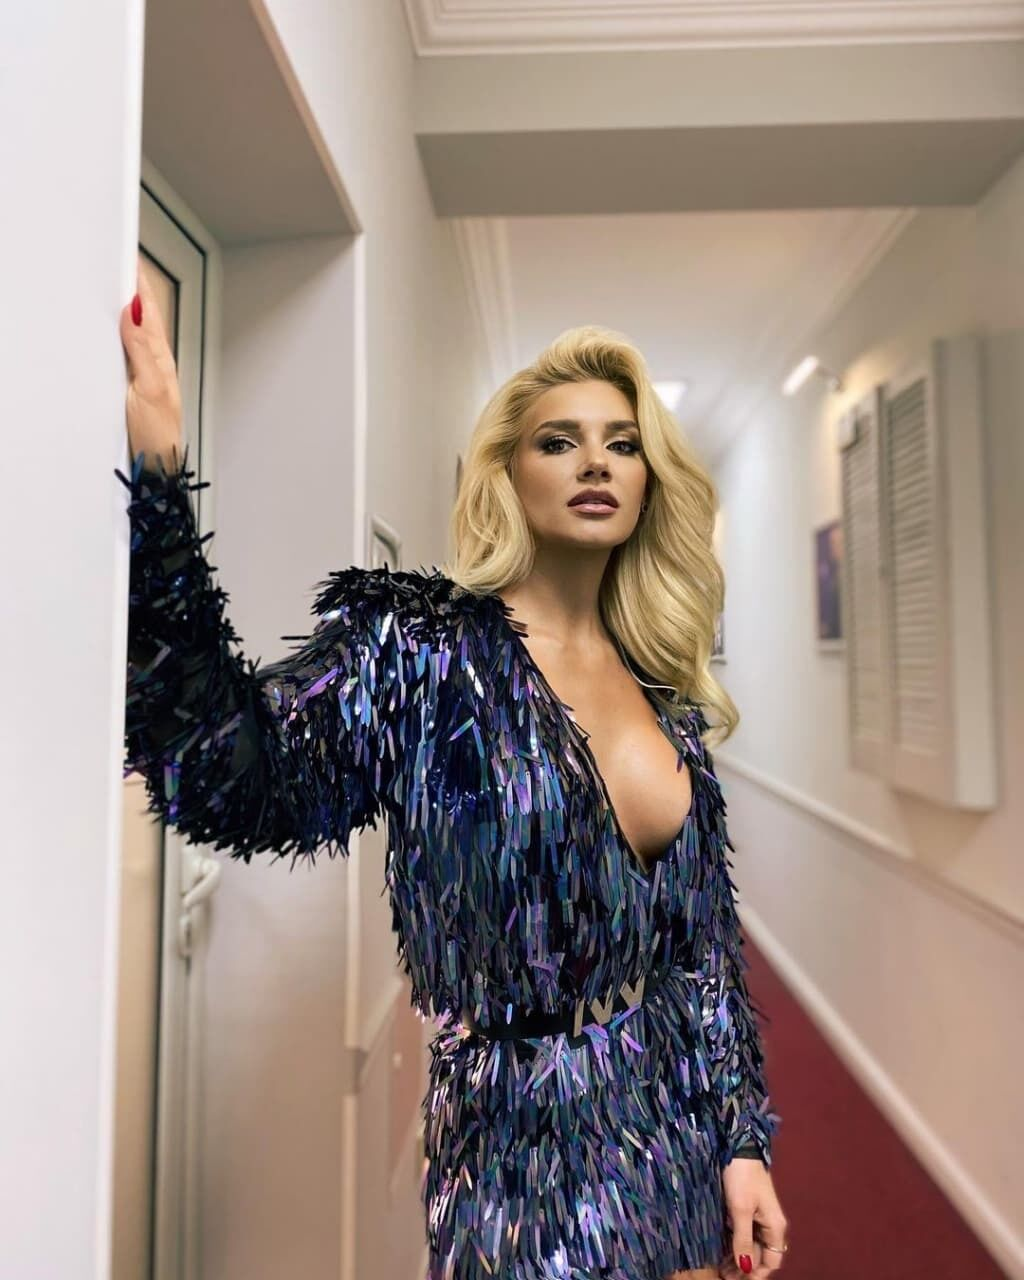 Міша Романова позує в красивому вбранні